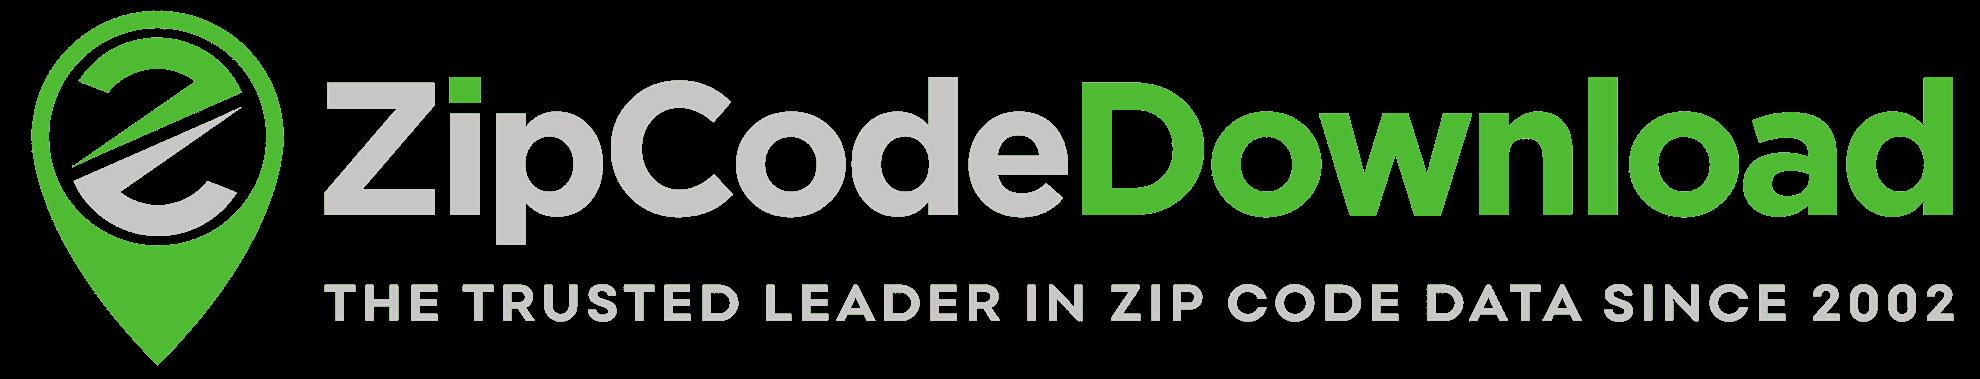 Zip Code Download